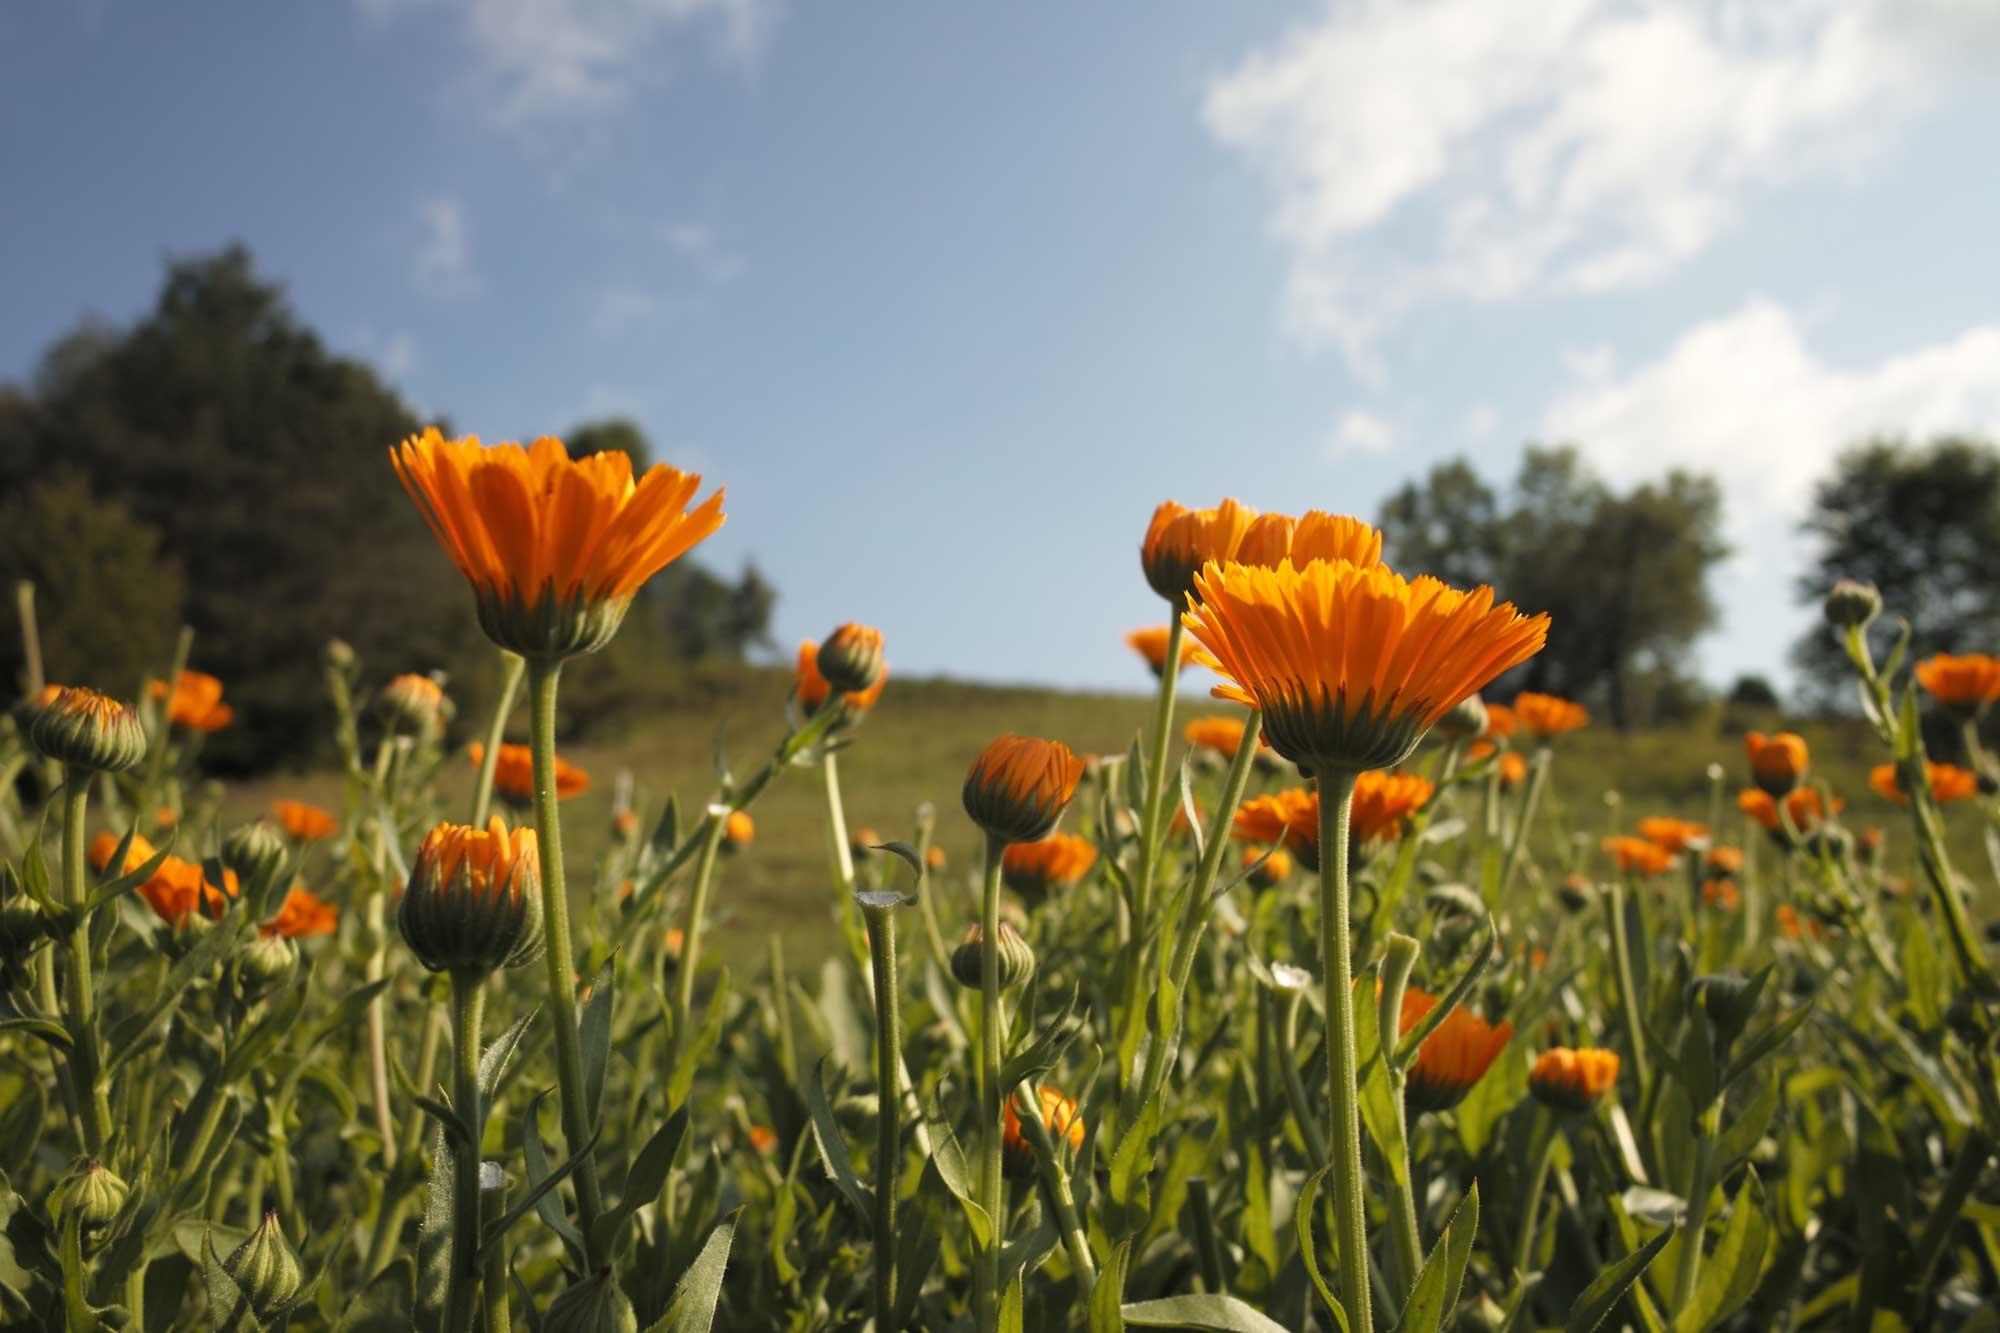 Planiranje vrta: Priprema za proljetno uređenje okućnice smještajnog objekta - neven